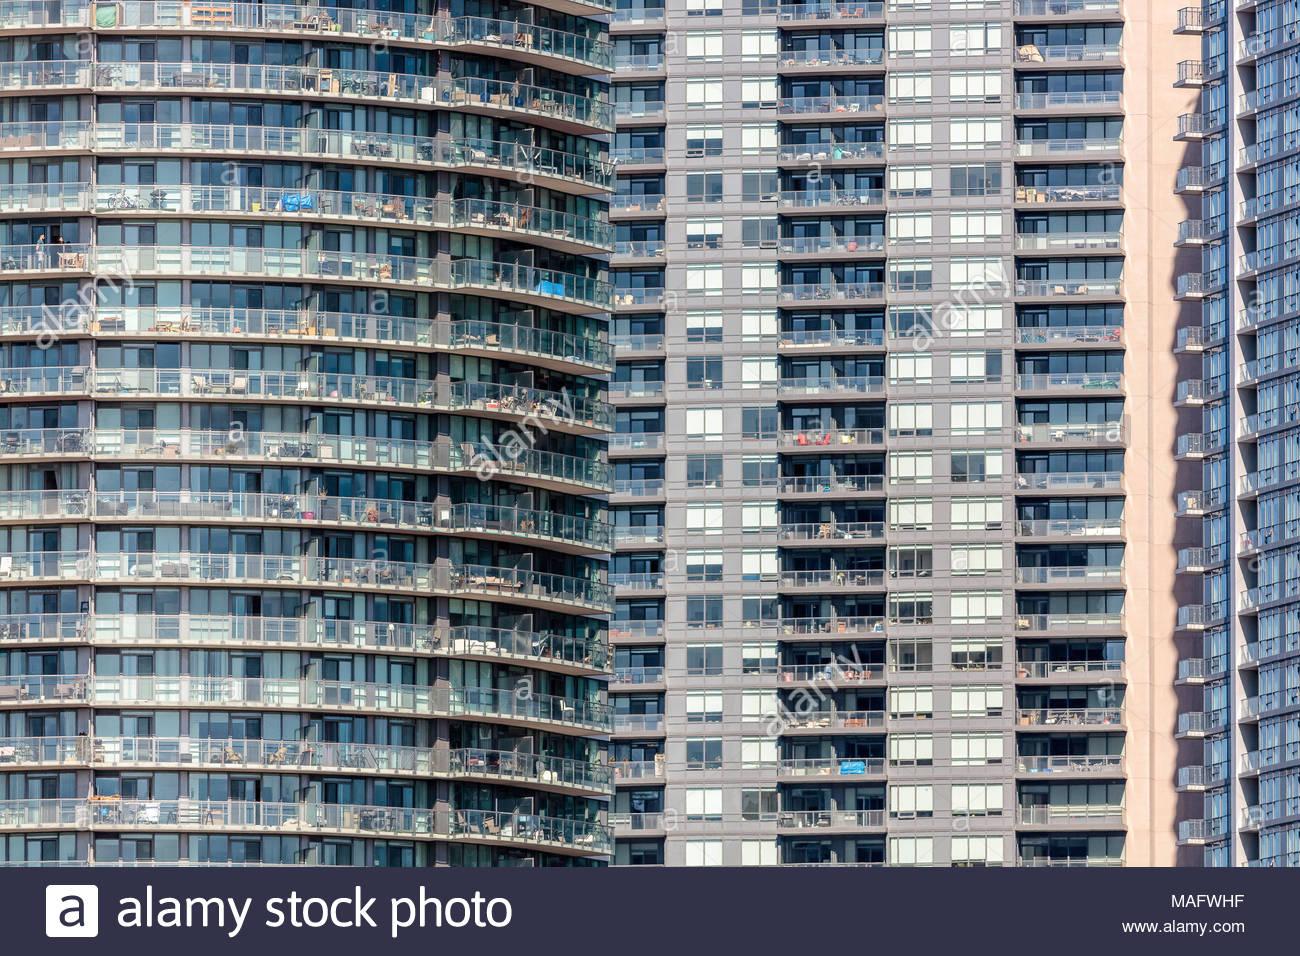 condominium-apartments-a-high-rise-high-